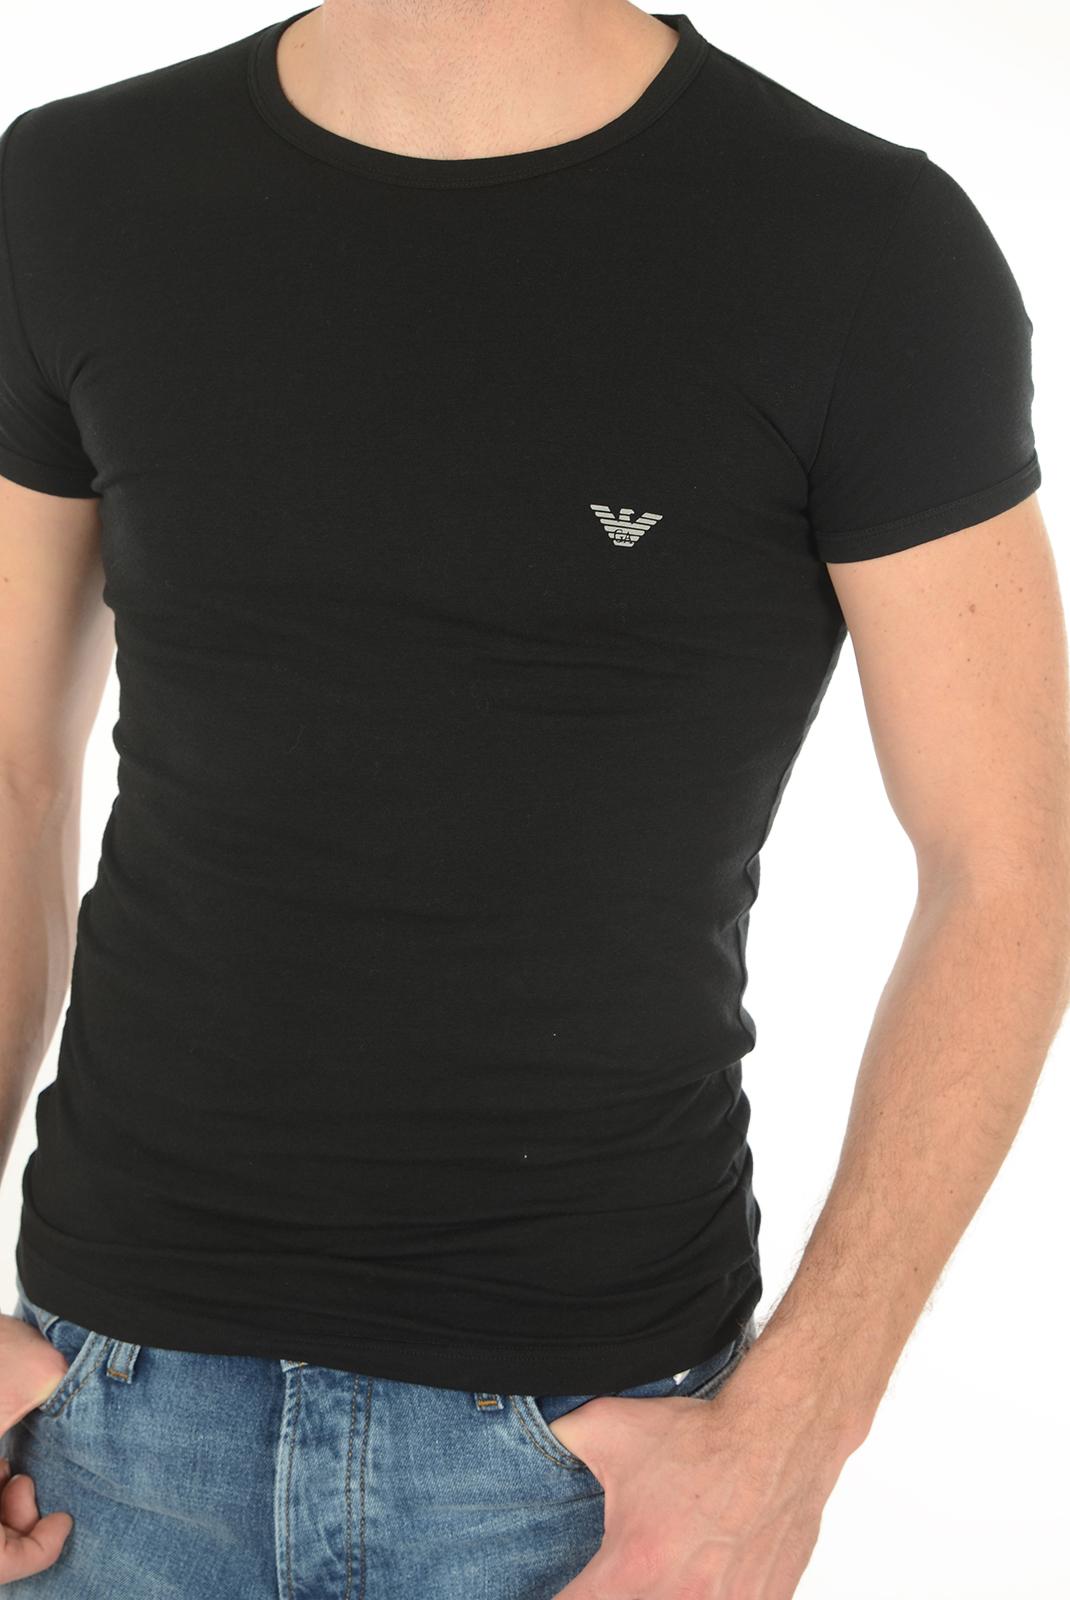 Tee-shirts manches courtes  Emporio armani 111035 6A745 020 NOIR